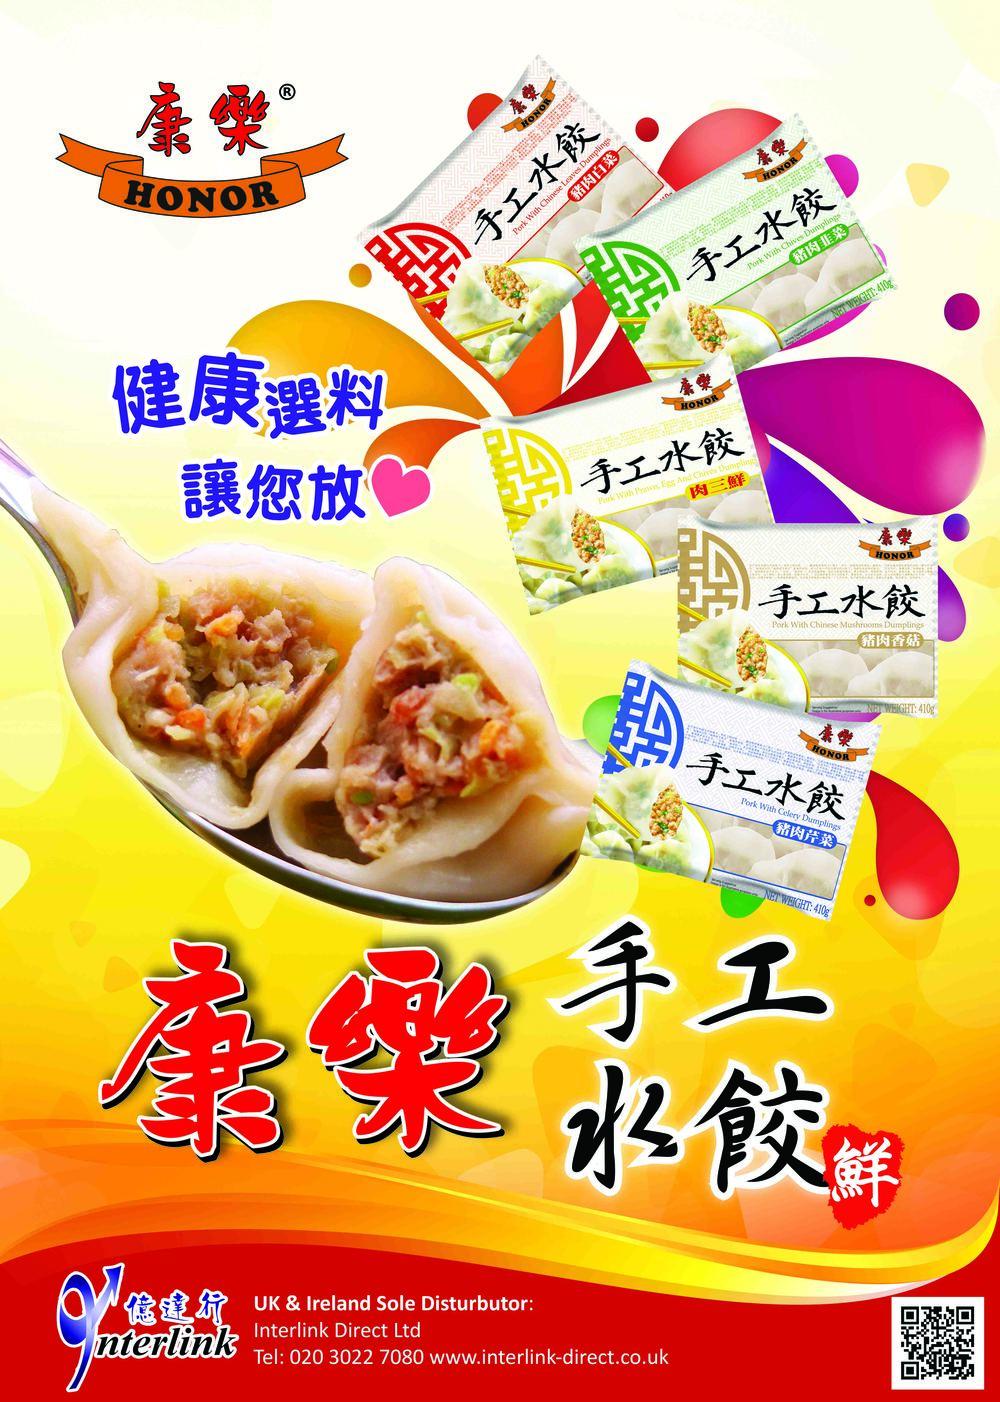 Honor Dumpling Poster 2.jpg